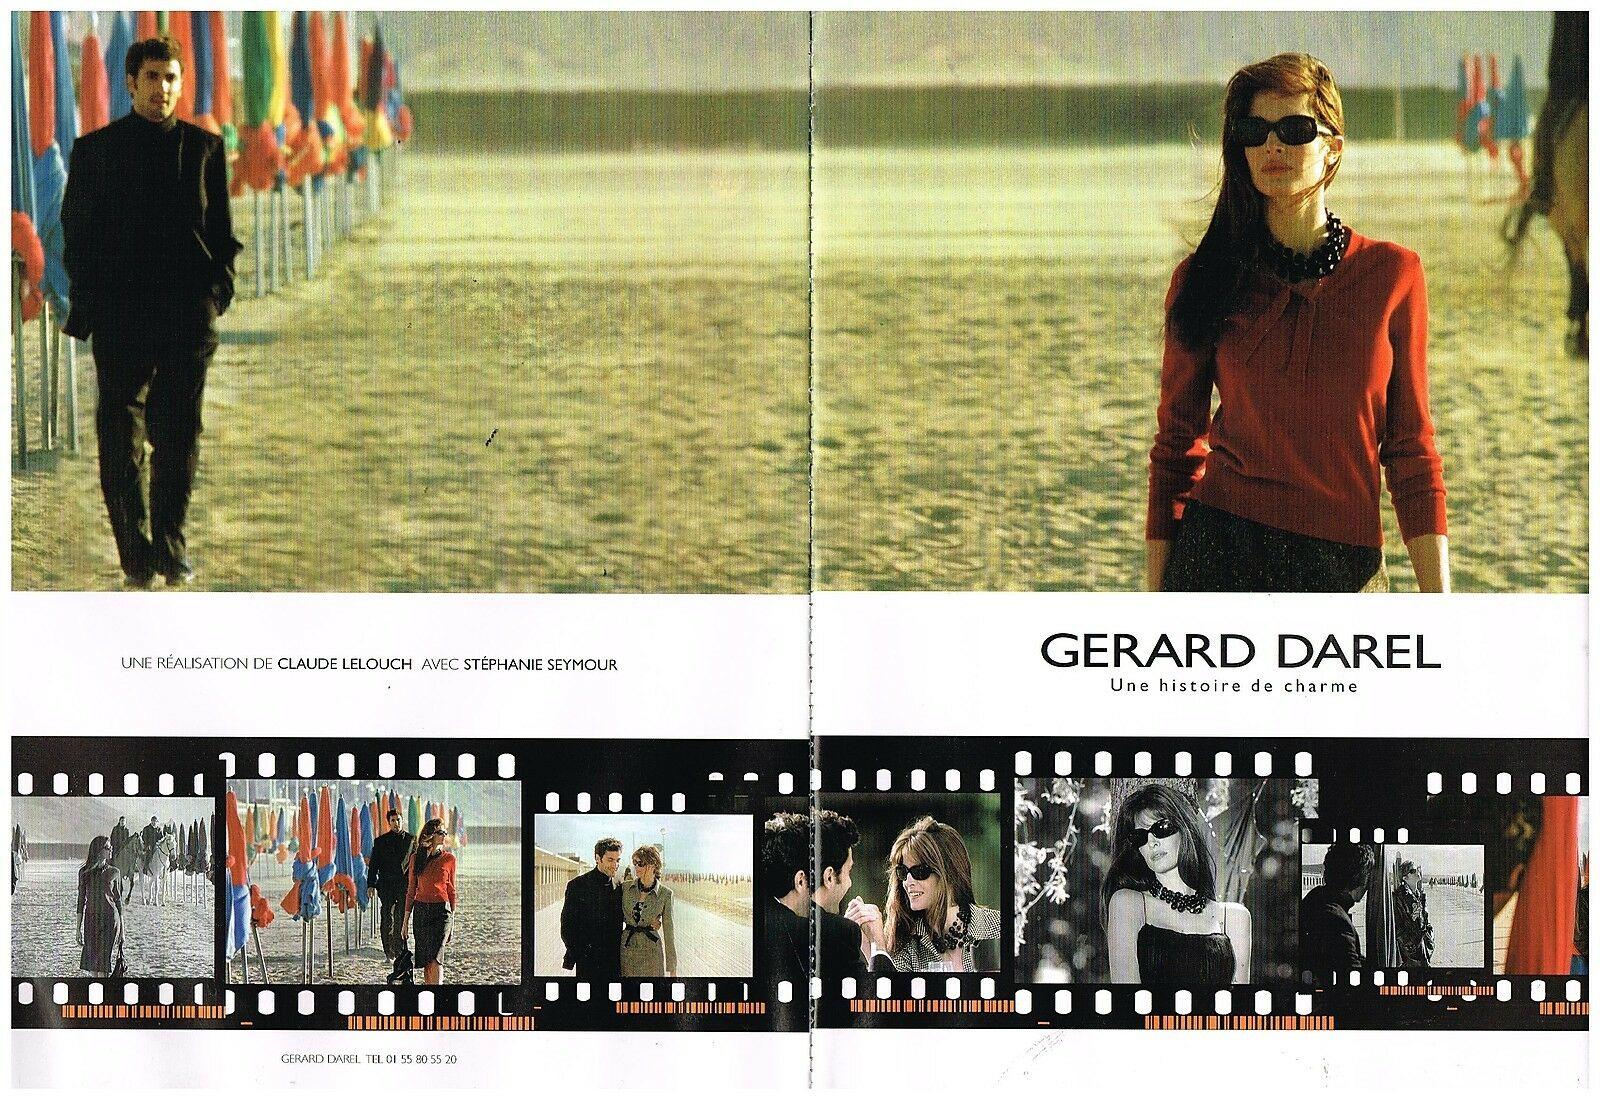 2000 PaP Gerard Darel avec Stephanie Seymour